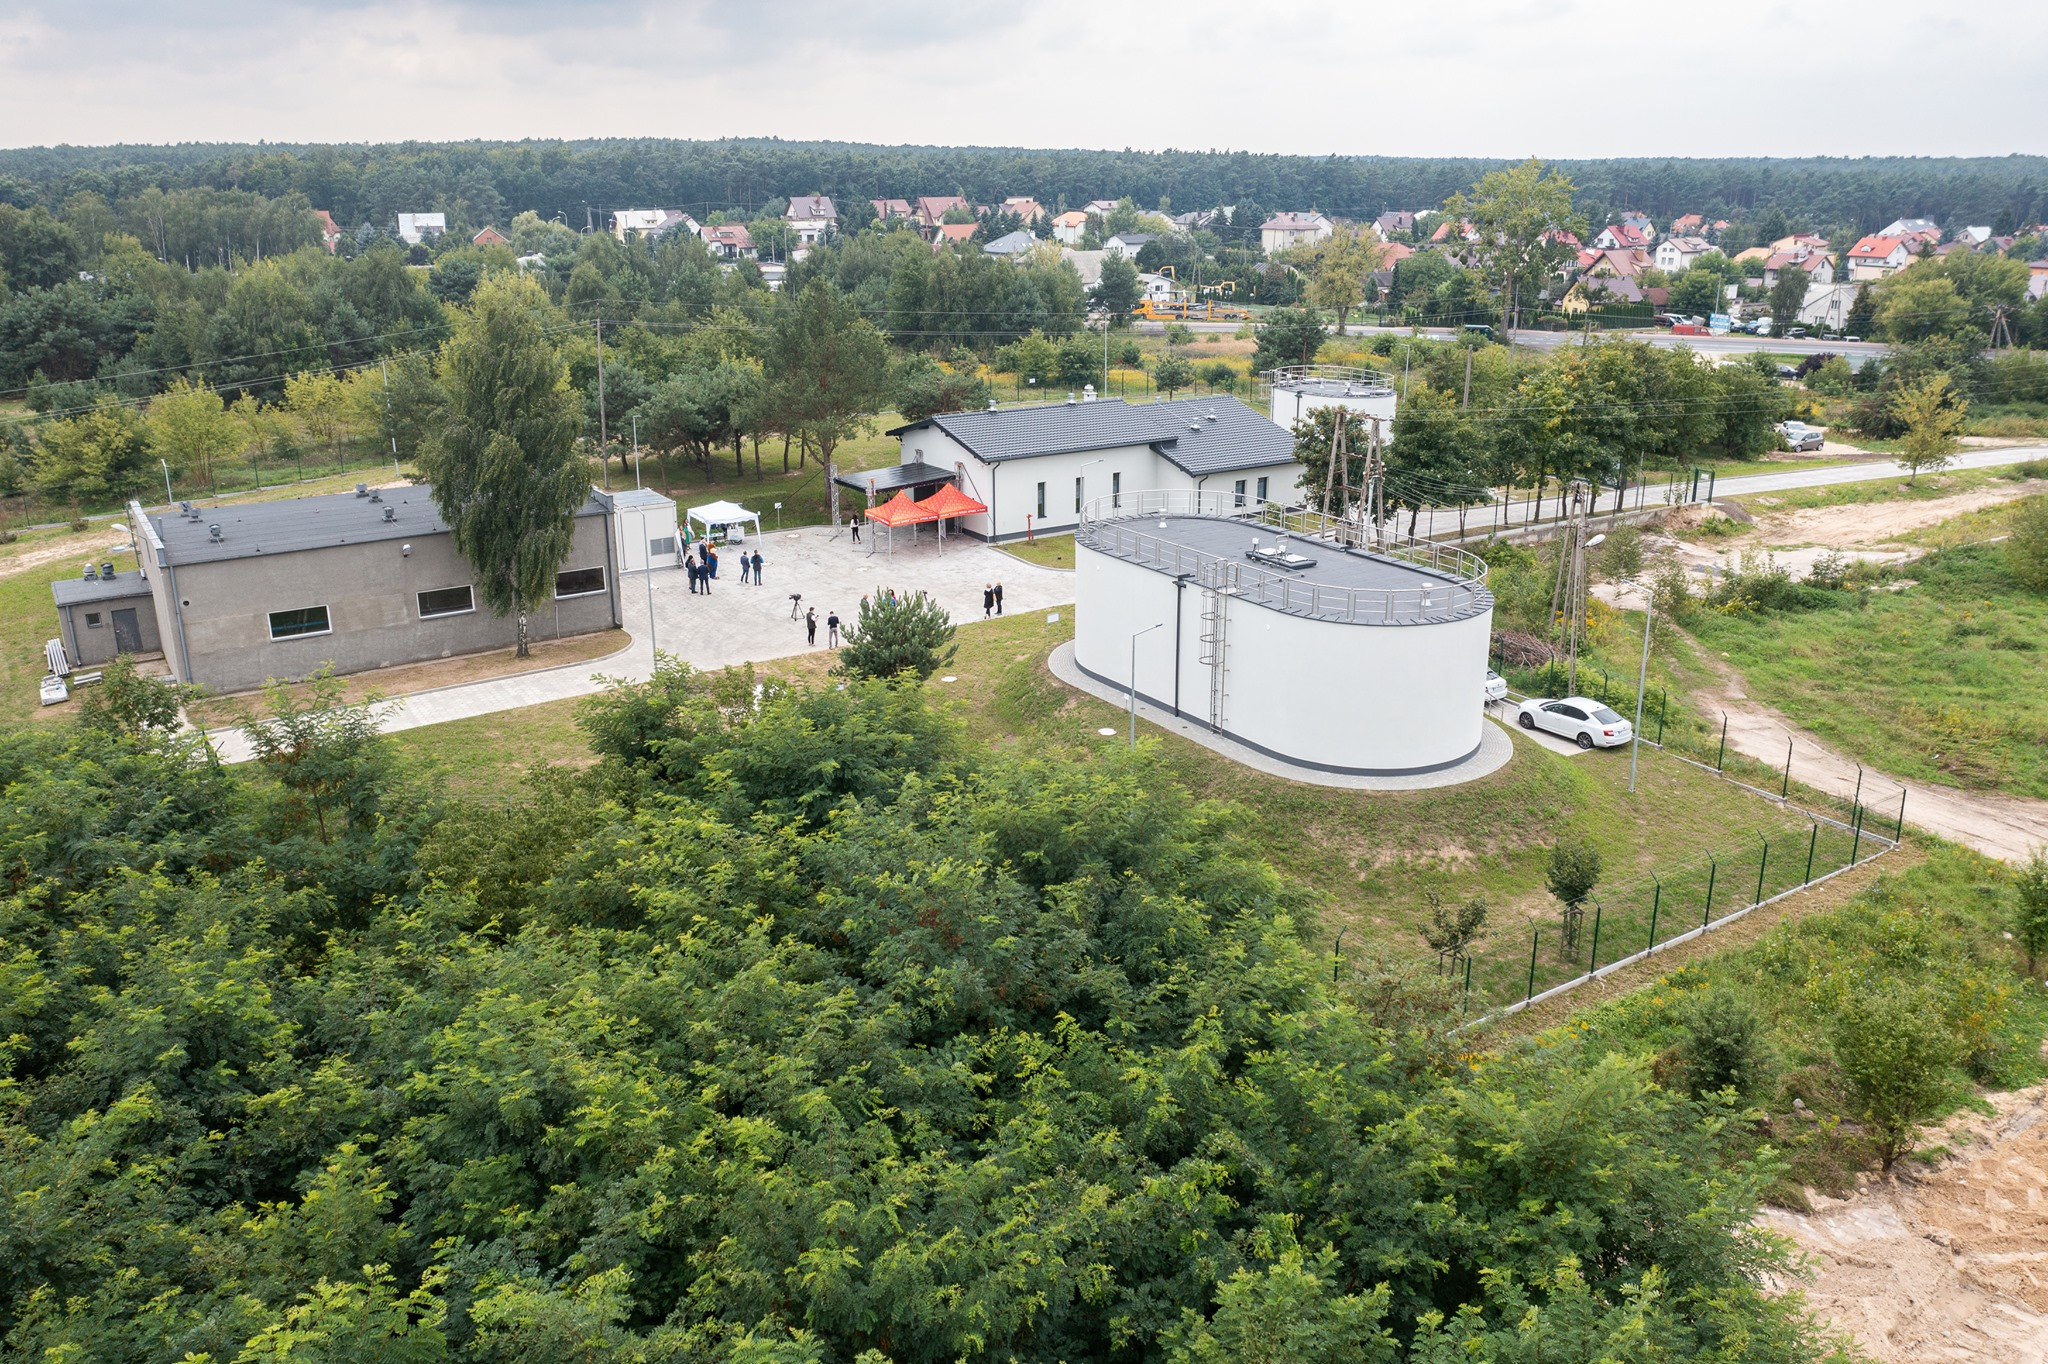 Zmodernizowano stację uzdatniania wody w Górach. - To strategiczna inwestycja dla płocczan [ZDJĘCIA] - Zdjęcie główne